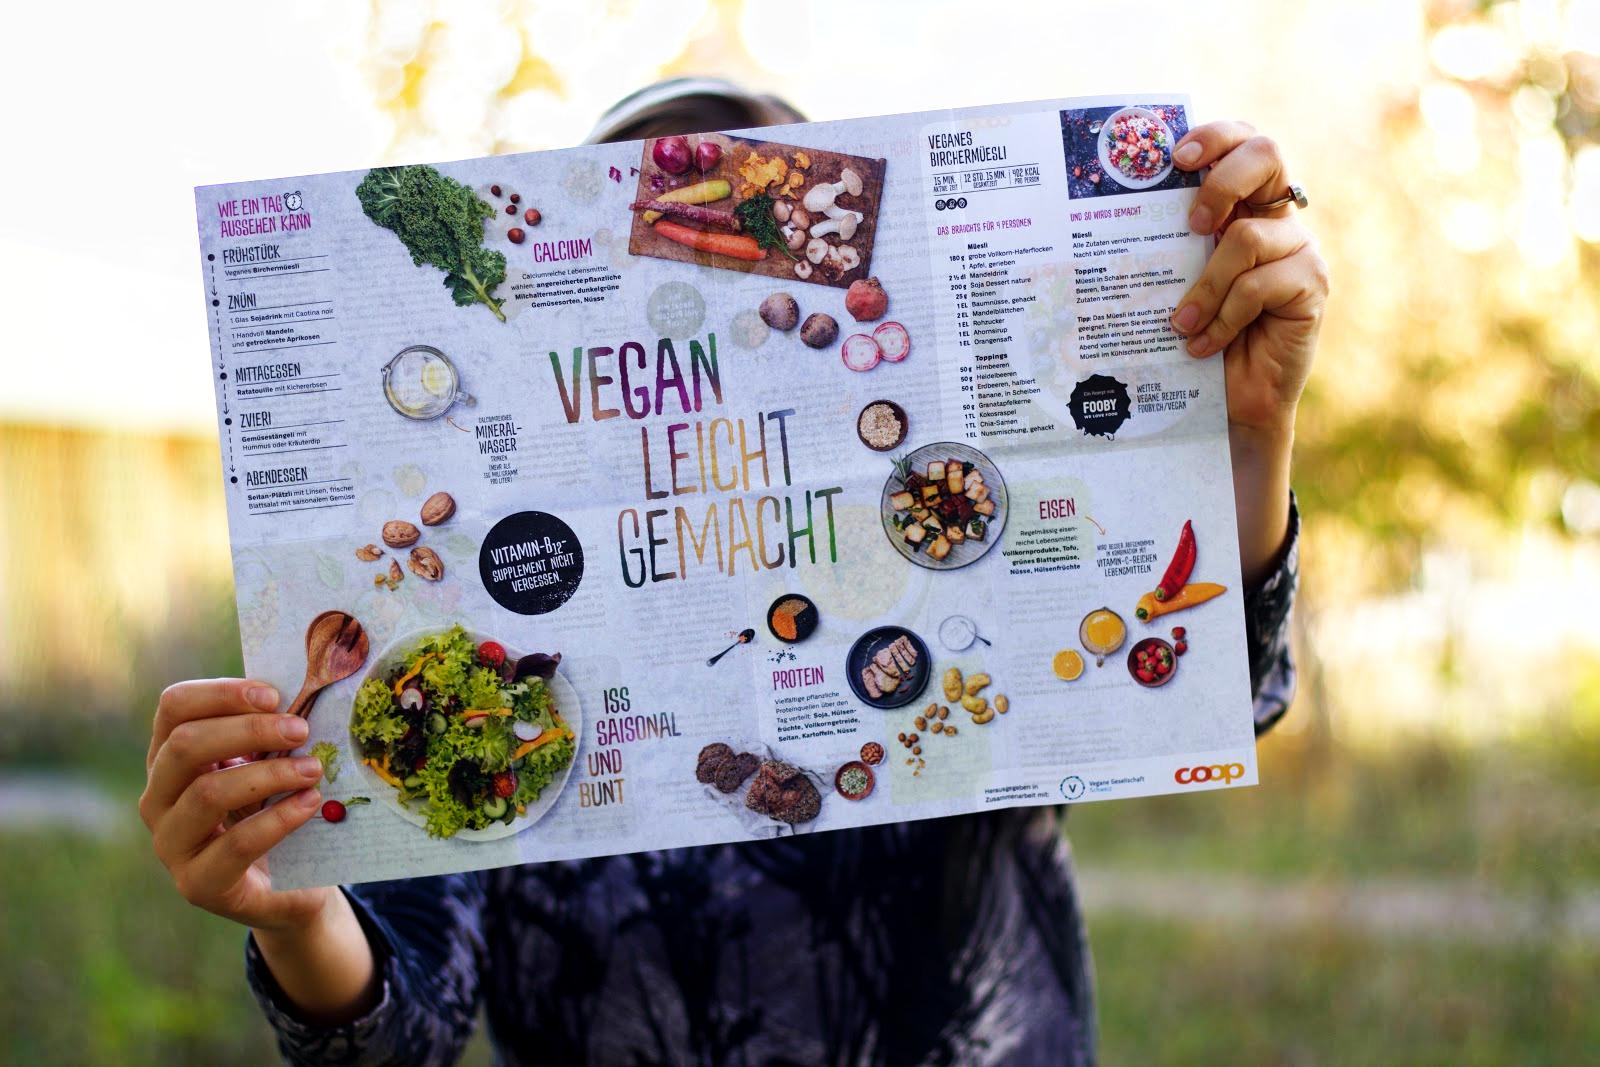 Coop gibt neu eine Broschüre über vegane Ernährung heraus